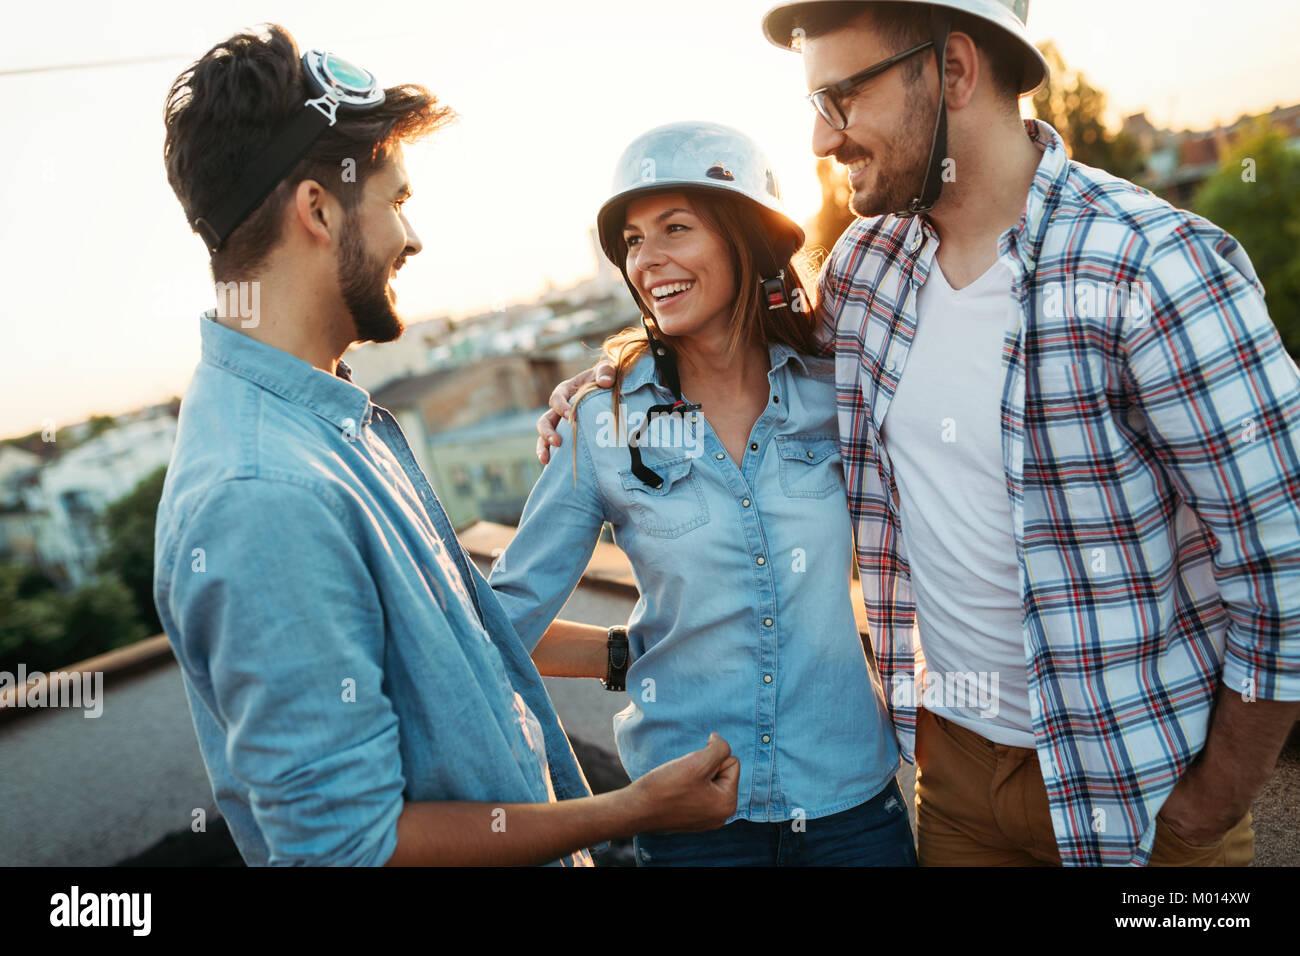 Gerne Freunde Lachen und Lächeln im Freien Stockbild